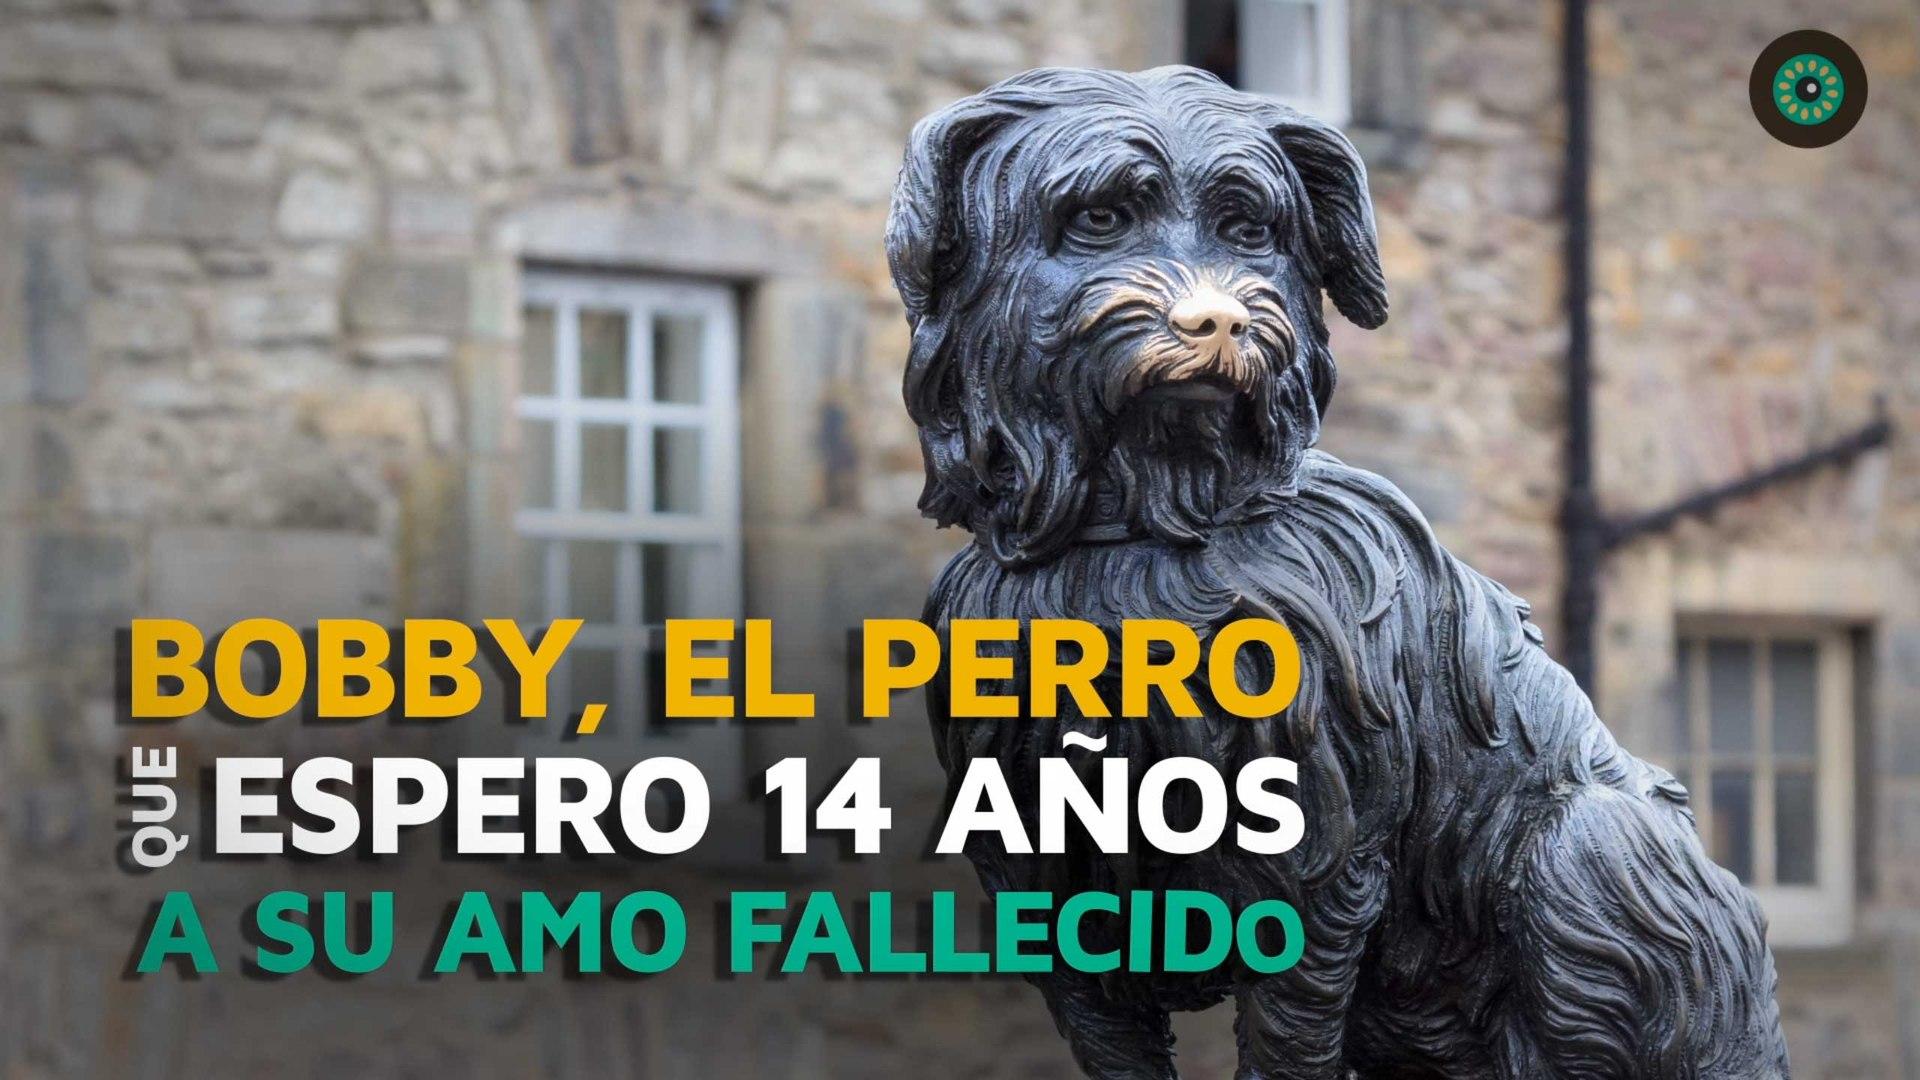 Bobby, el perro que esperó 14 años a su amo fallecido